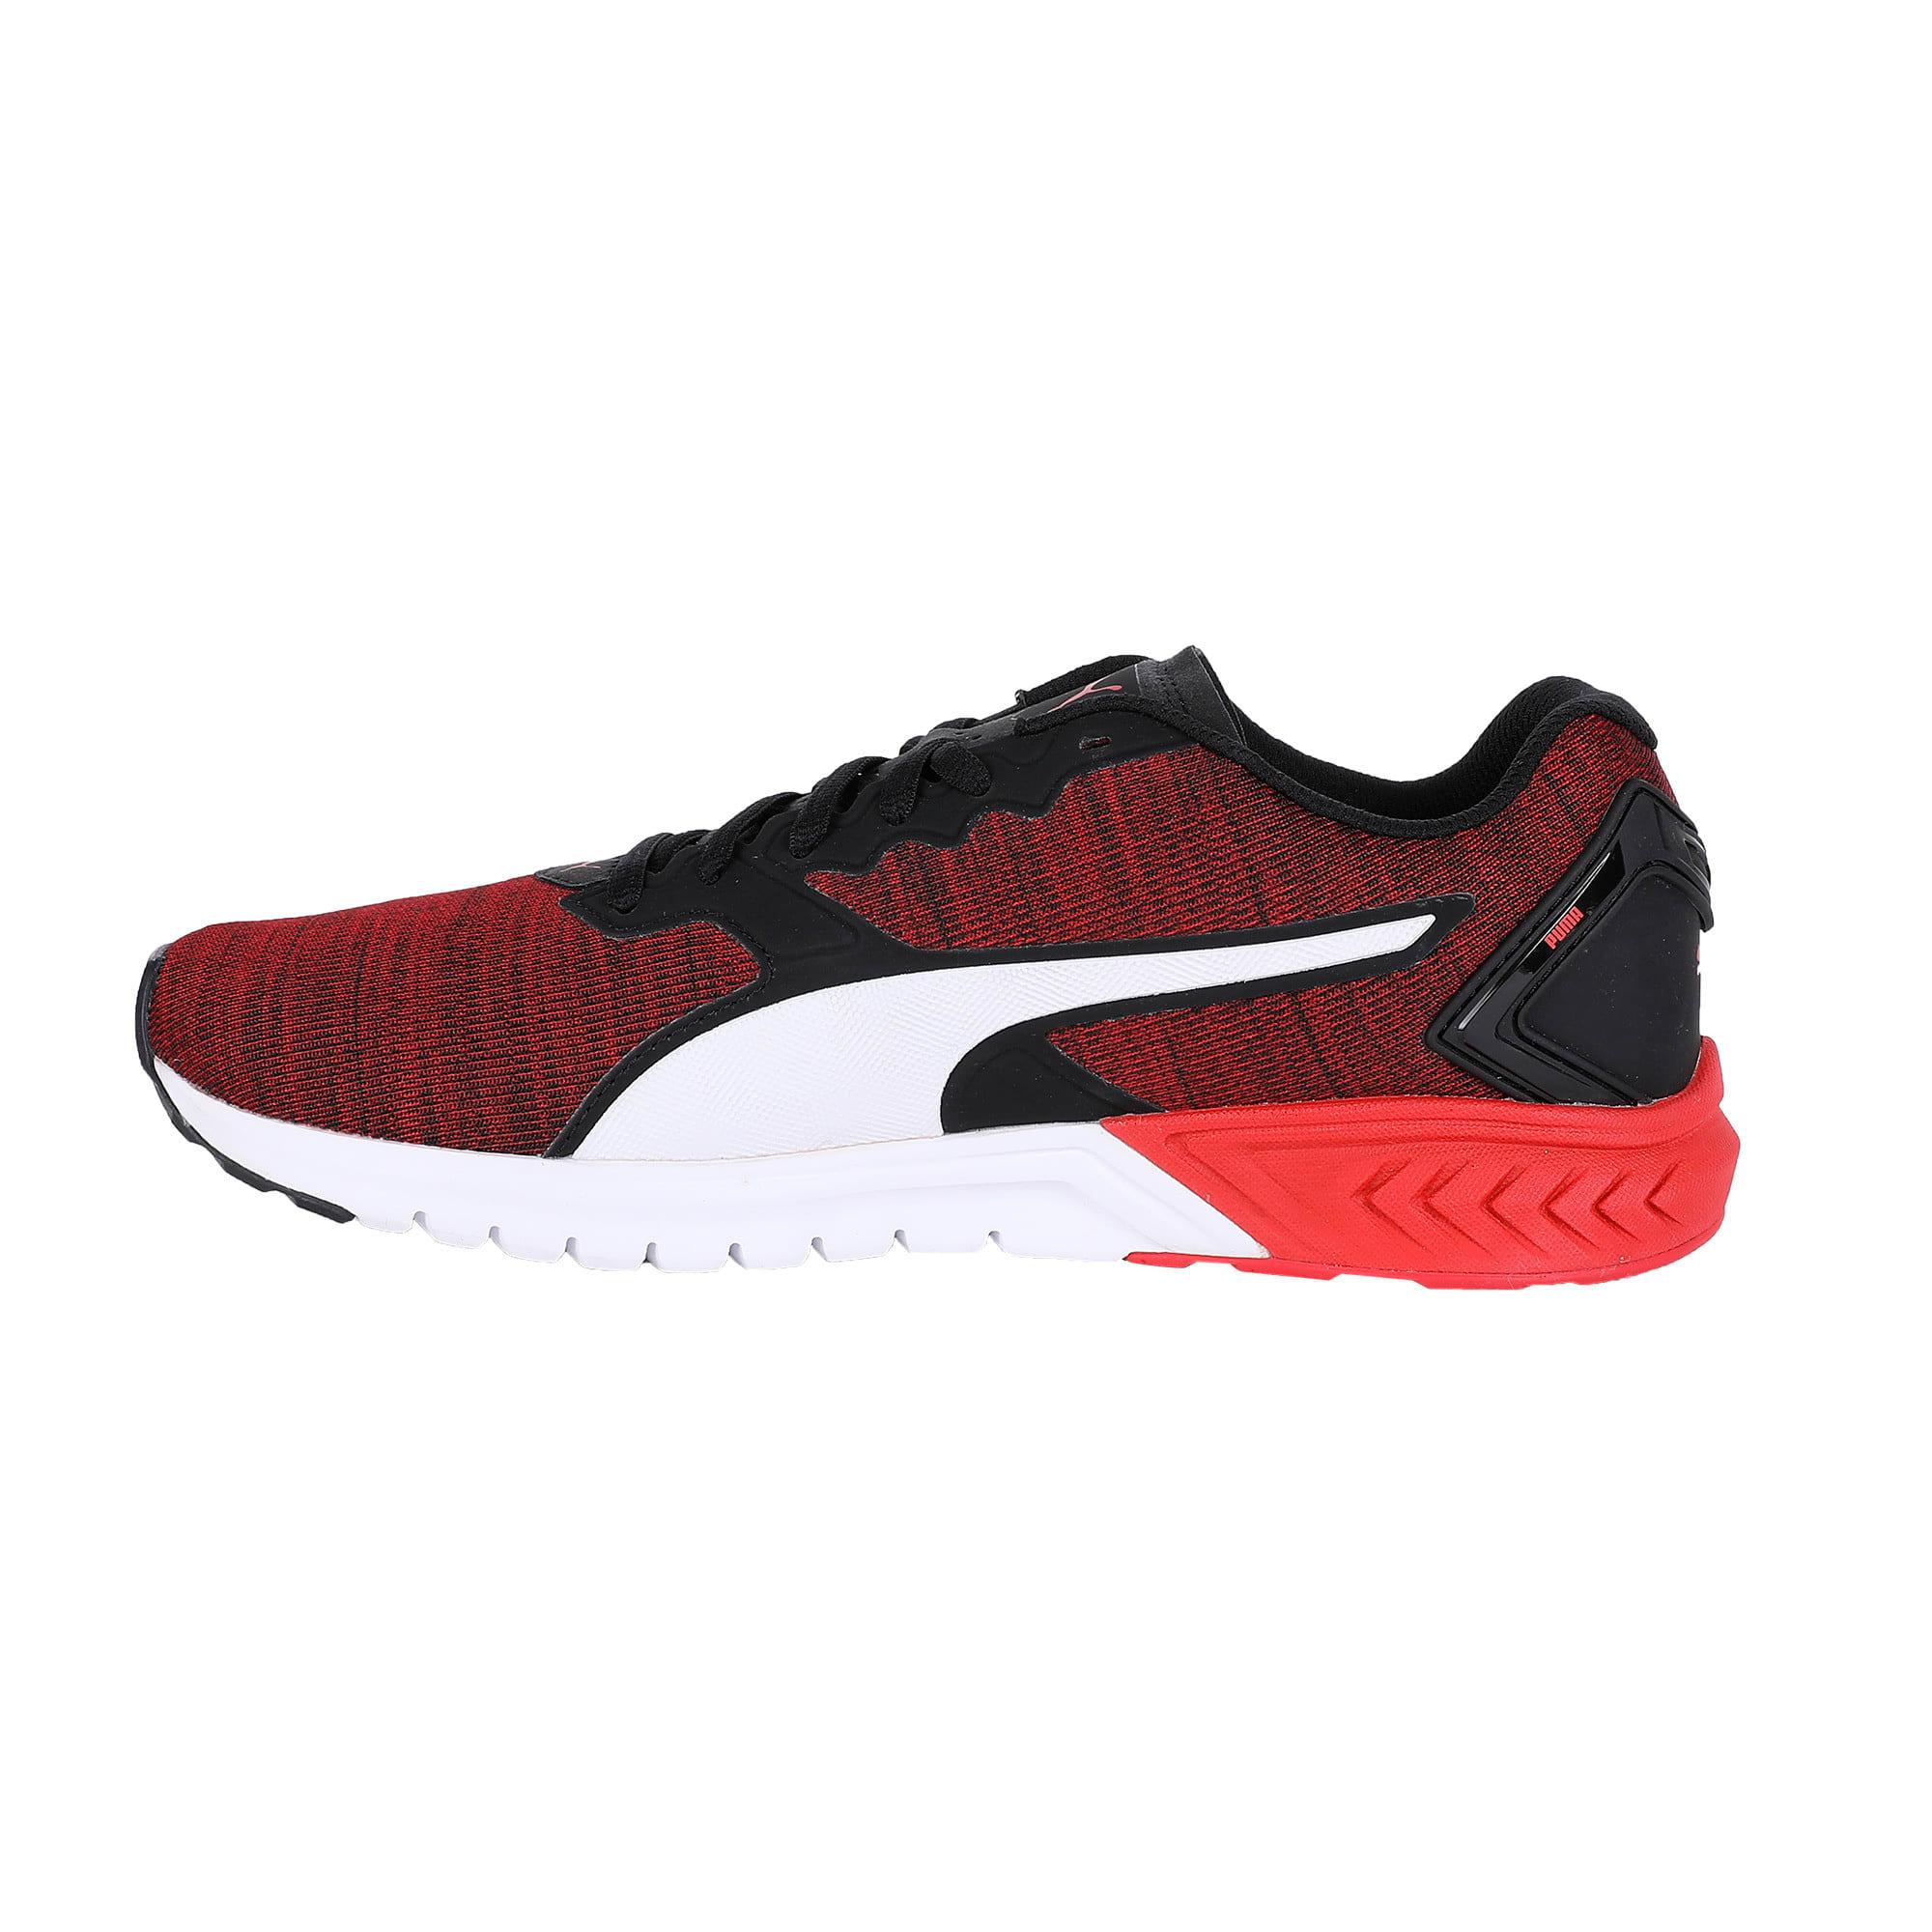 Thumbnail 1 of IGNITE Dual NM Puma Black-Ribbon Red-Pum, Black-Ribbon Red-White, medium-IND